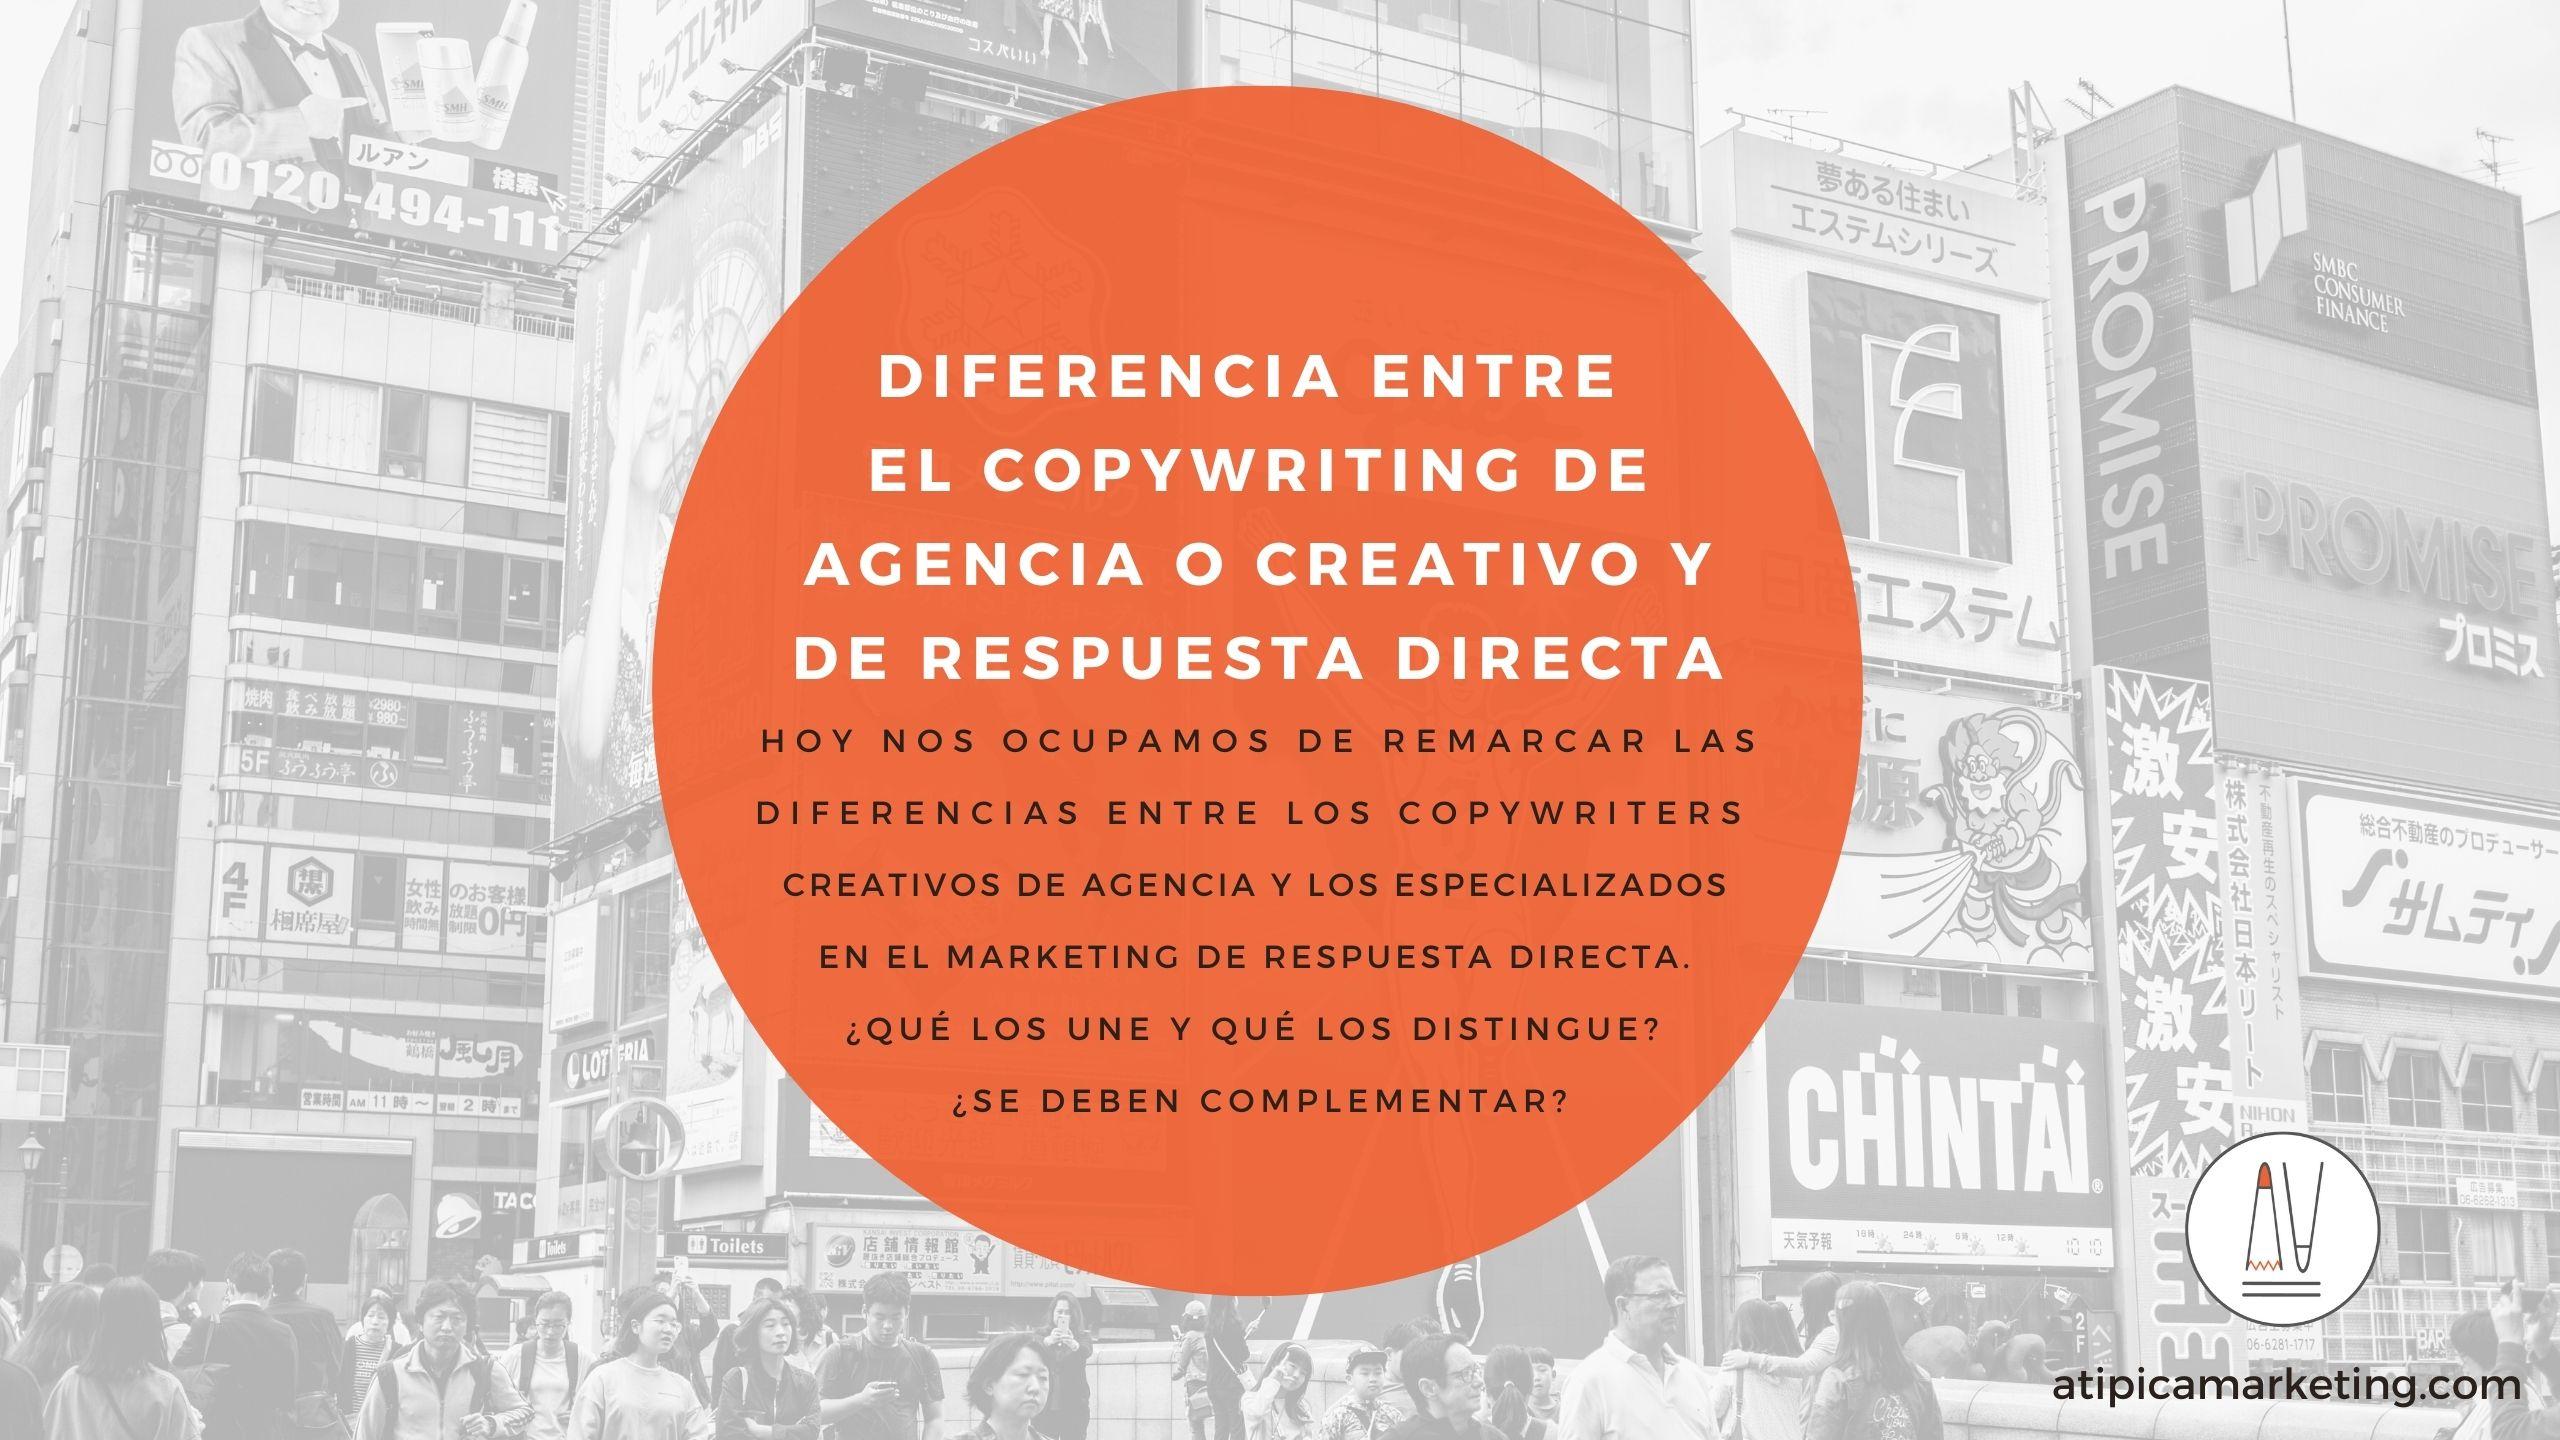 Copy creativo vs copy respuesta directa